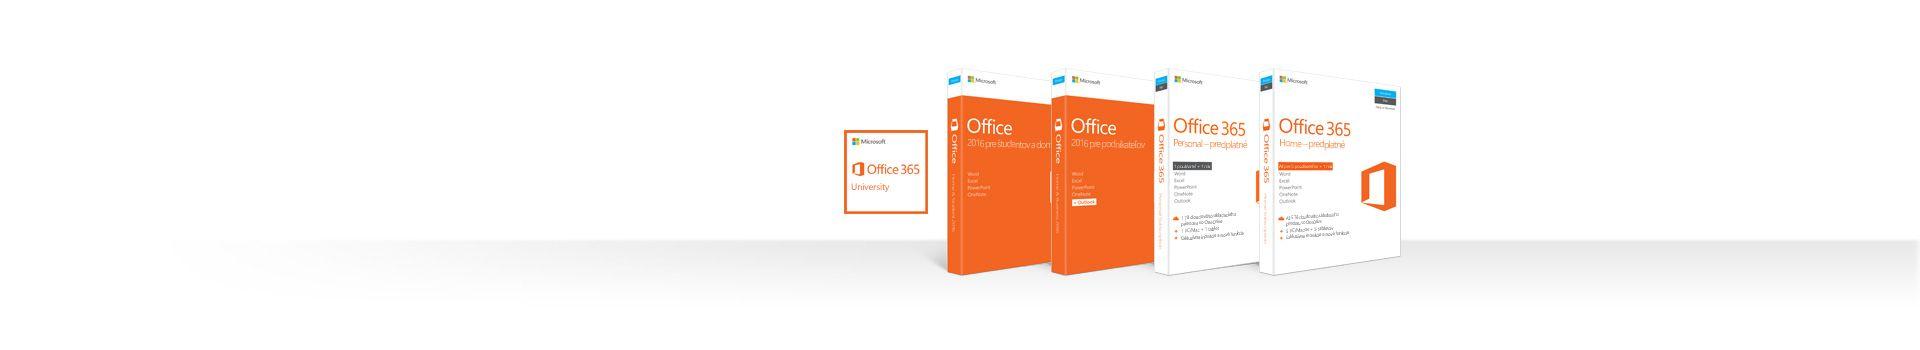 Rad zabalených produktov Office 2016 aOffice 365 pre Mac